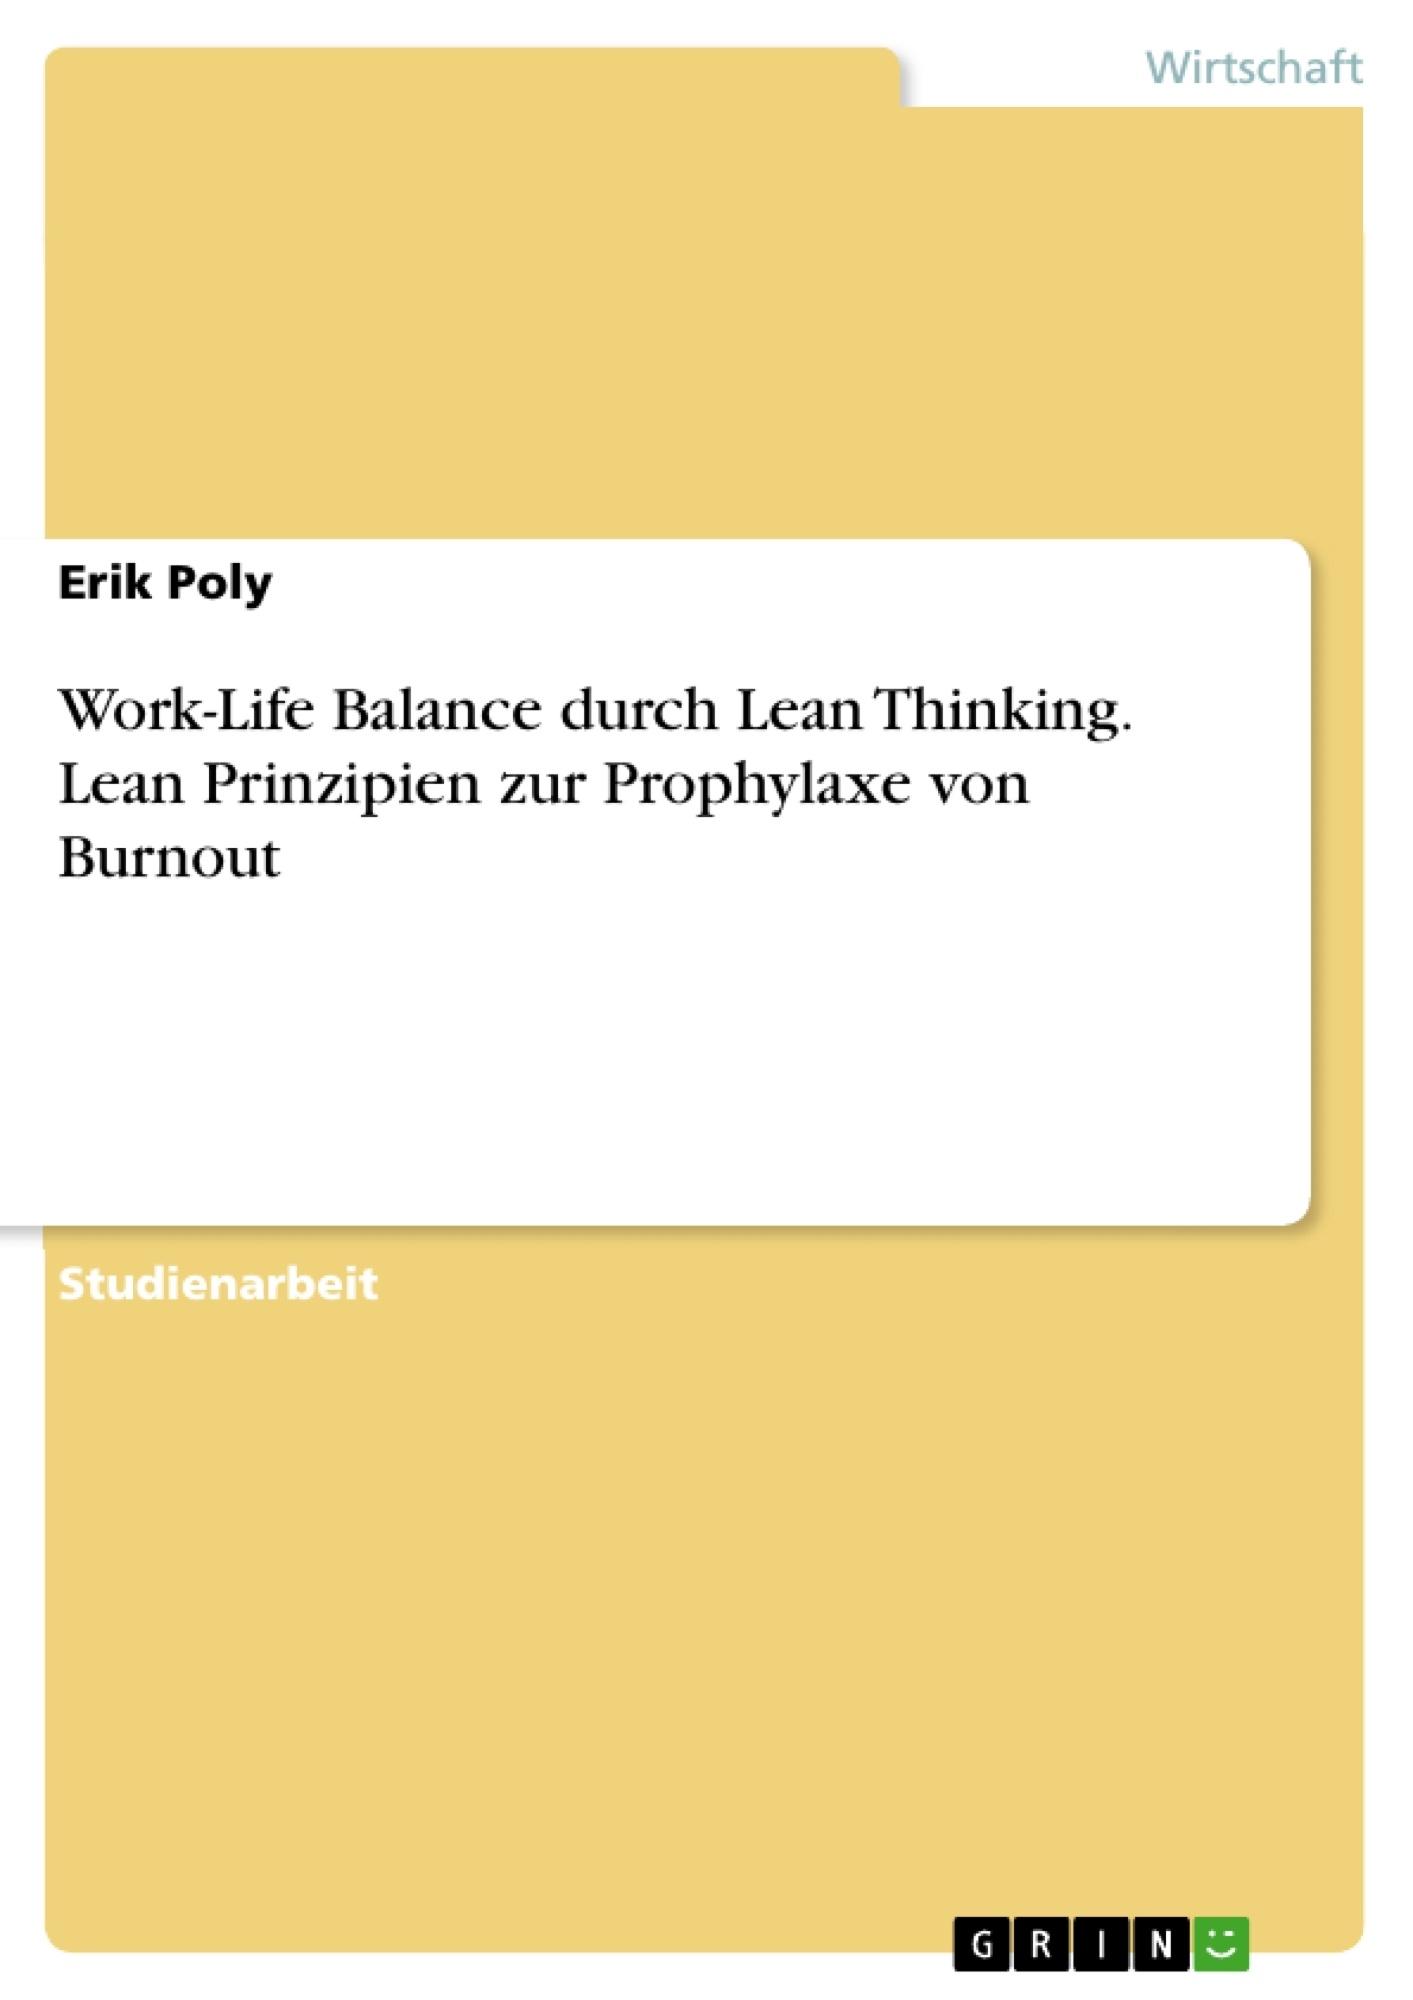 Titel: Work-Life Balance durch Lean Thinking. Lean Prinzipien zur Prophylaxe von Burnout